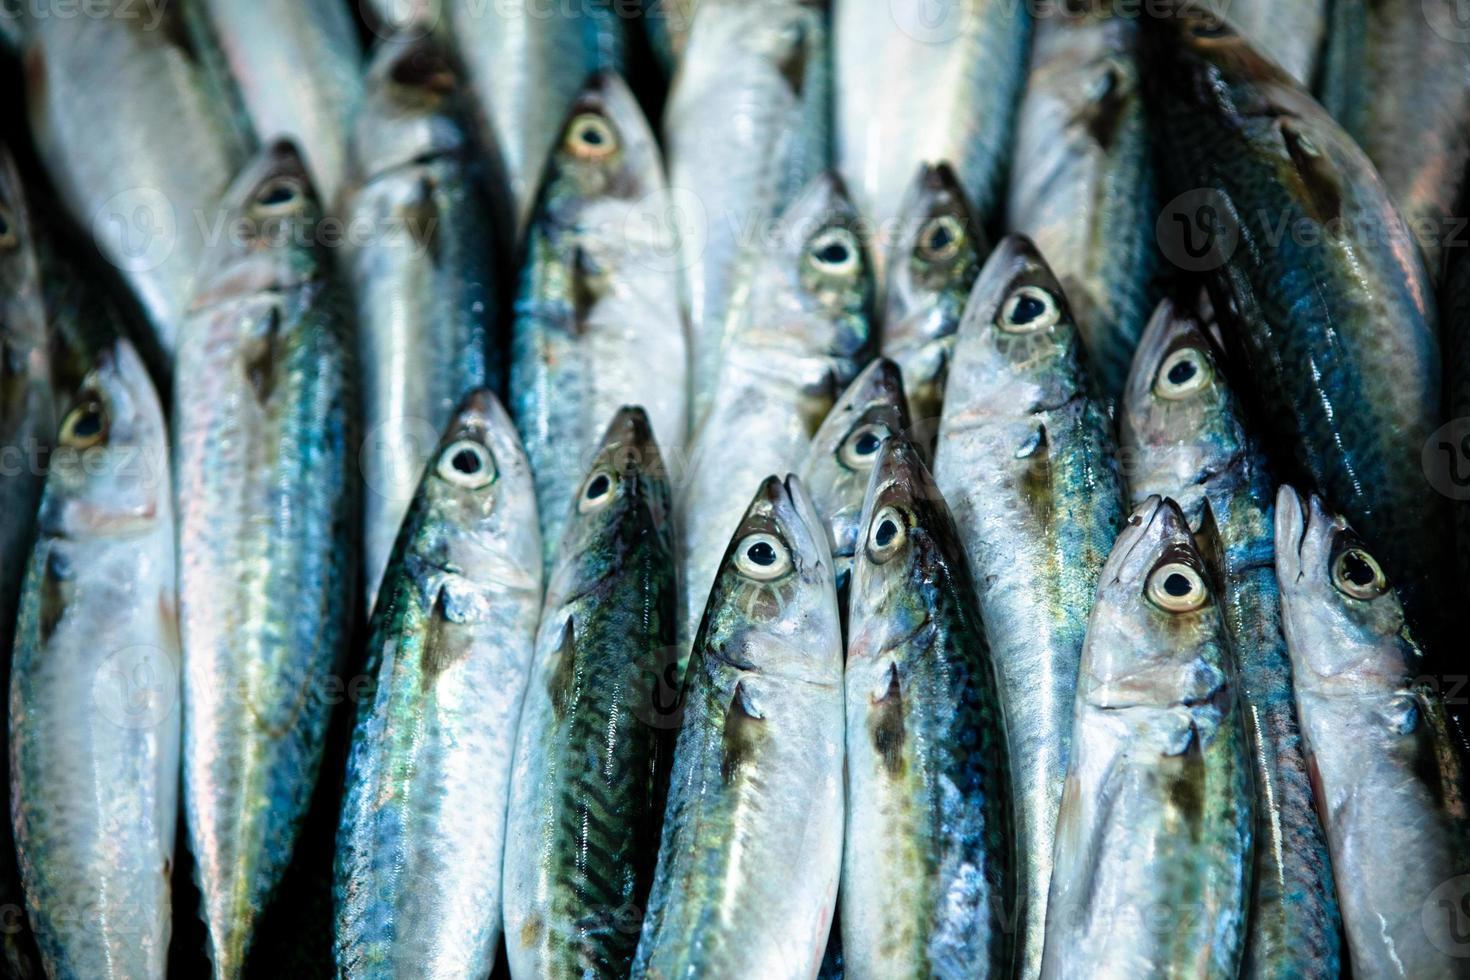 hög med fisk till salu på marknaden foto